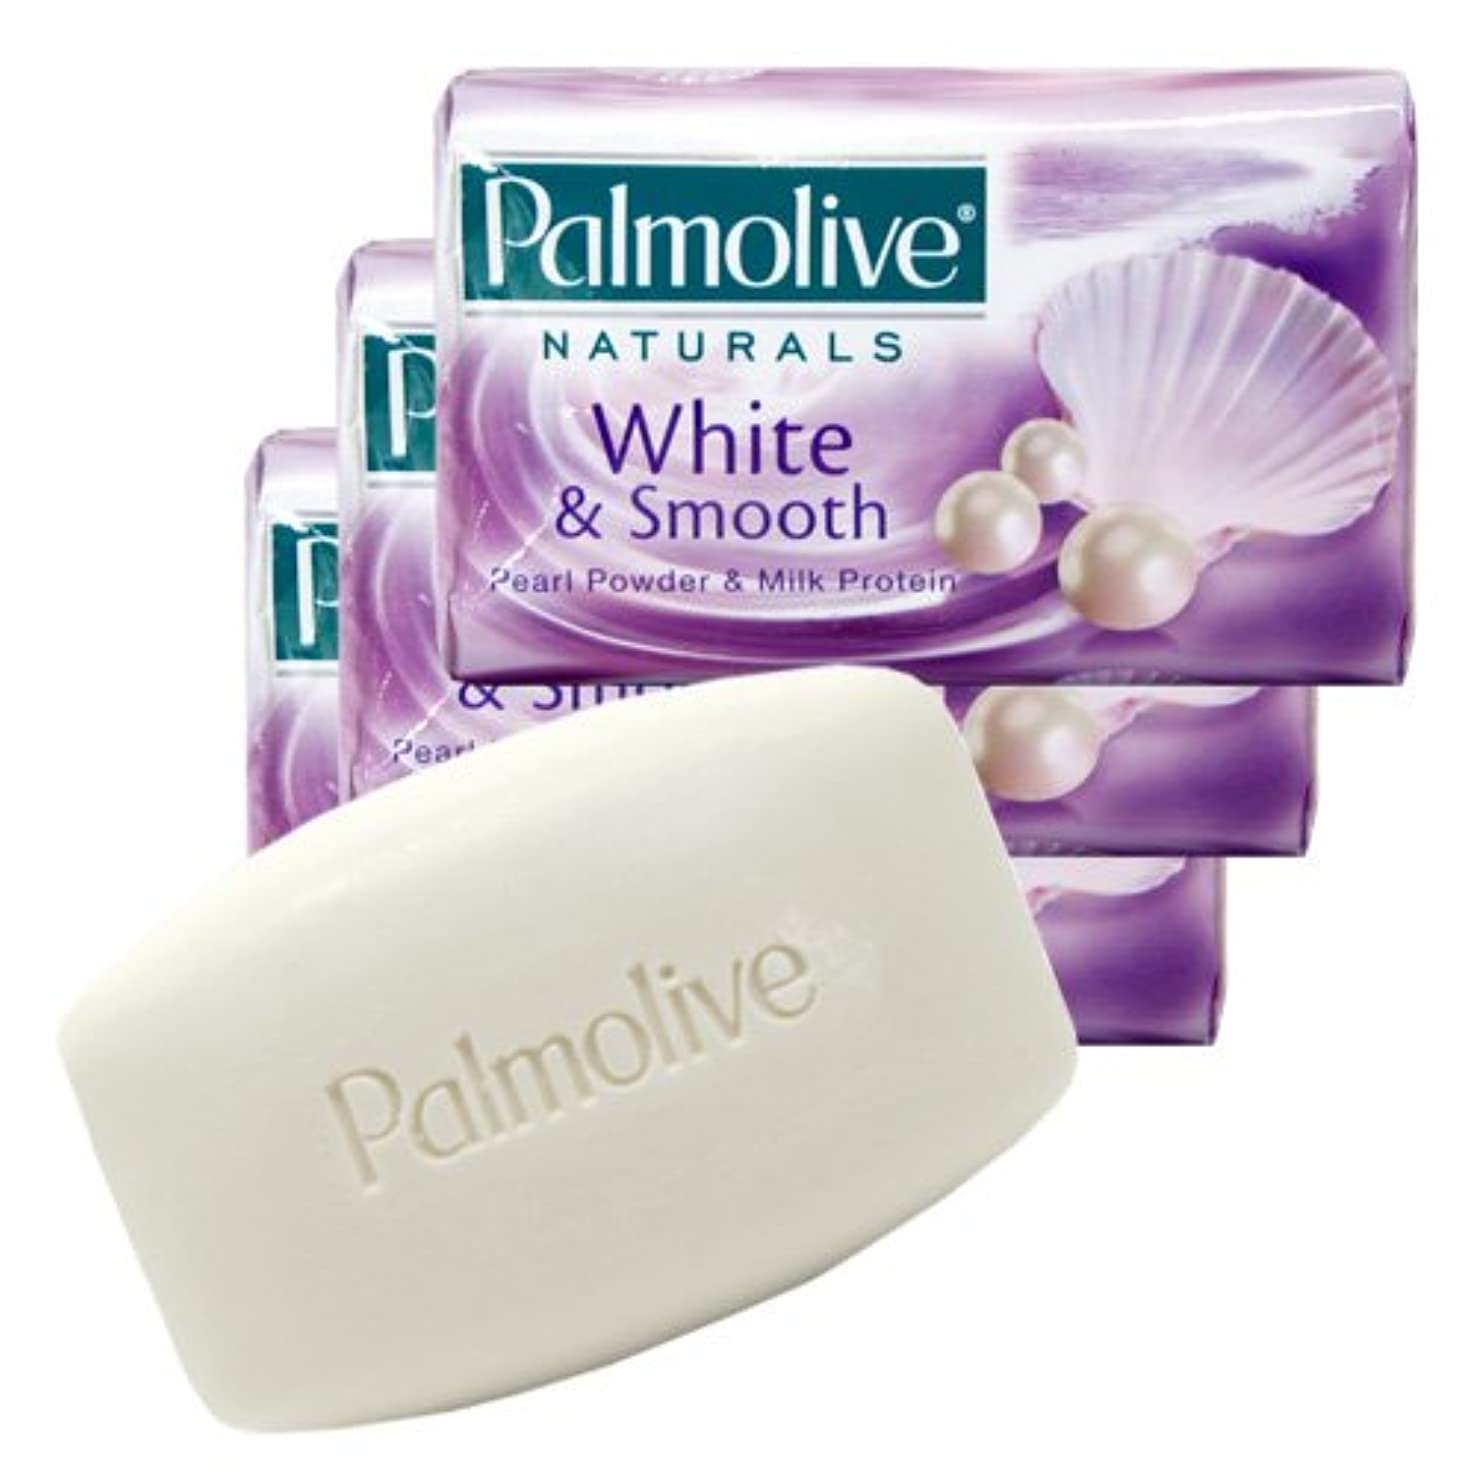 異議探検弱点【Palmolive】パルモリーブ ナチュラルズ石鹸3個パック ホワイト&スムース(パールパウダー&ミルクプロテイン)80g×3